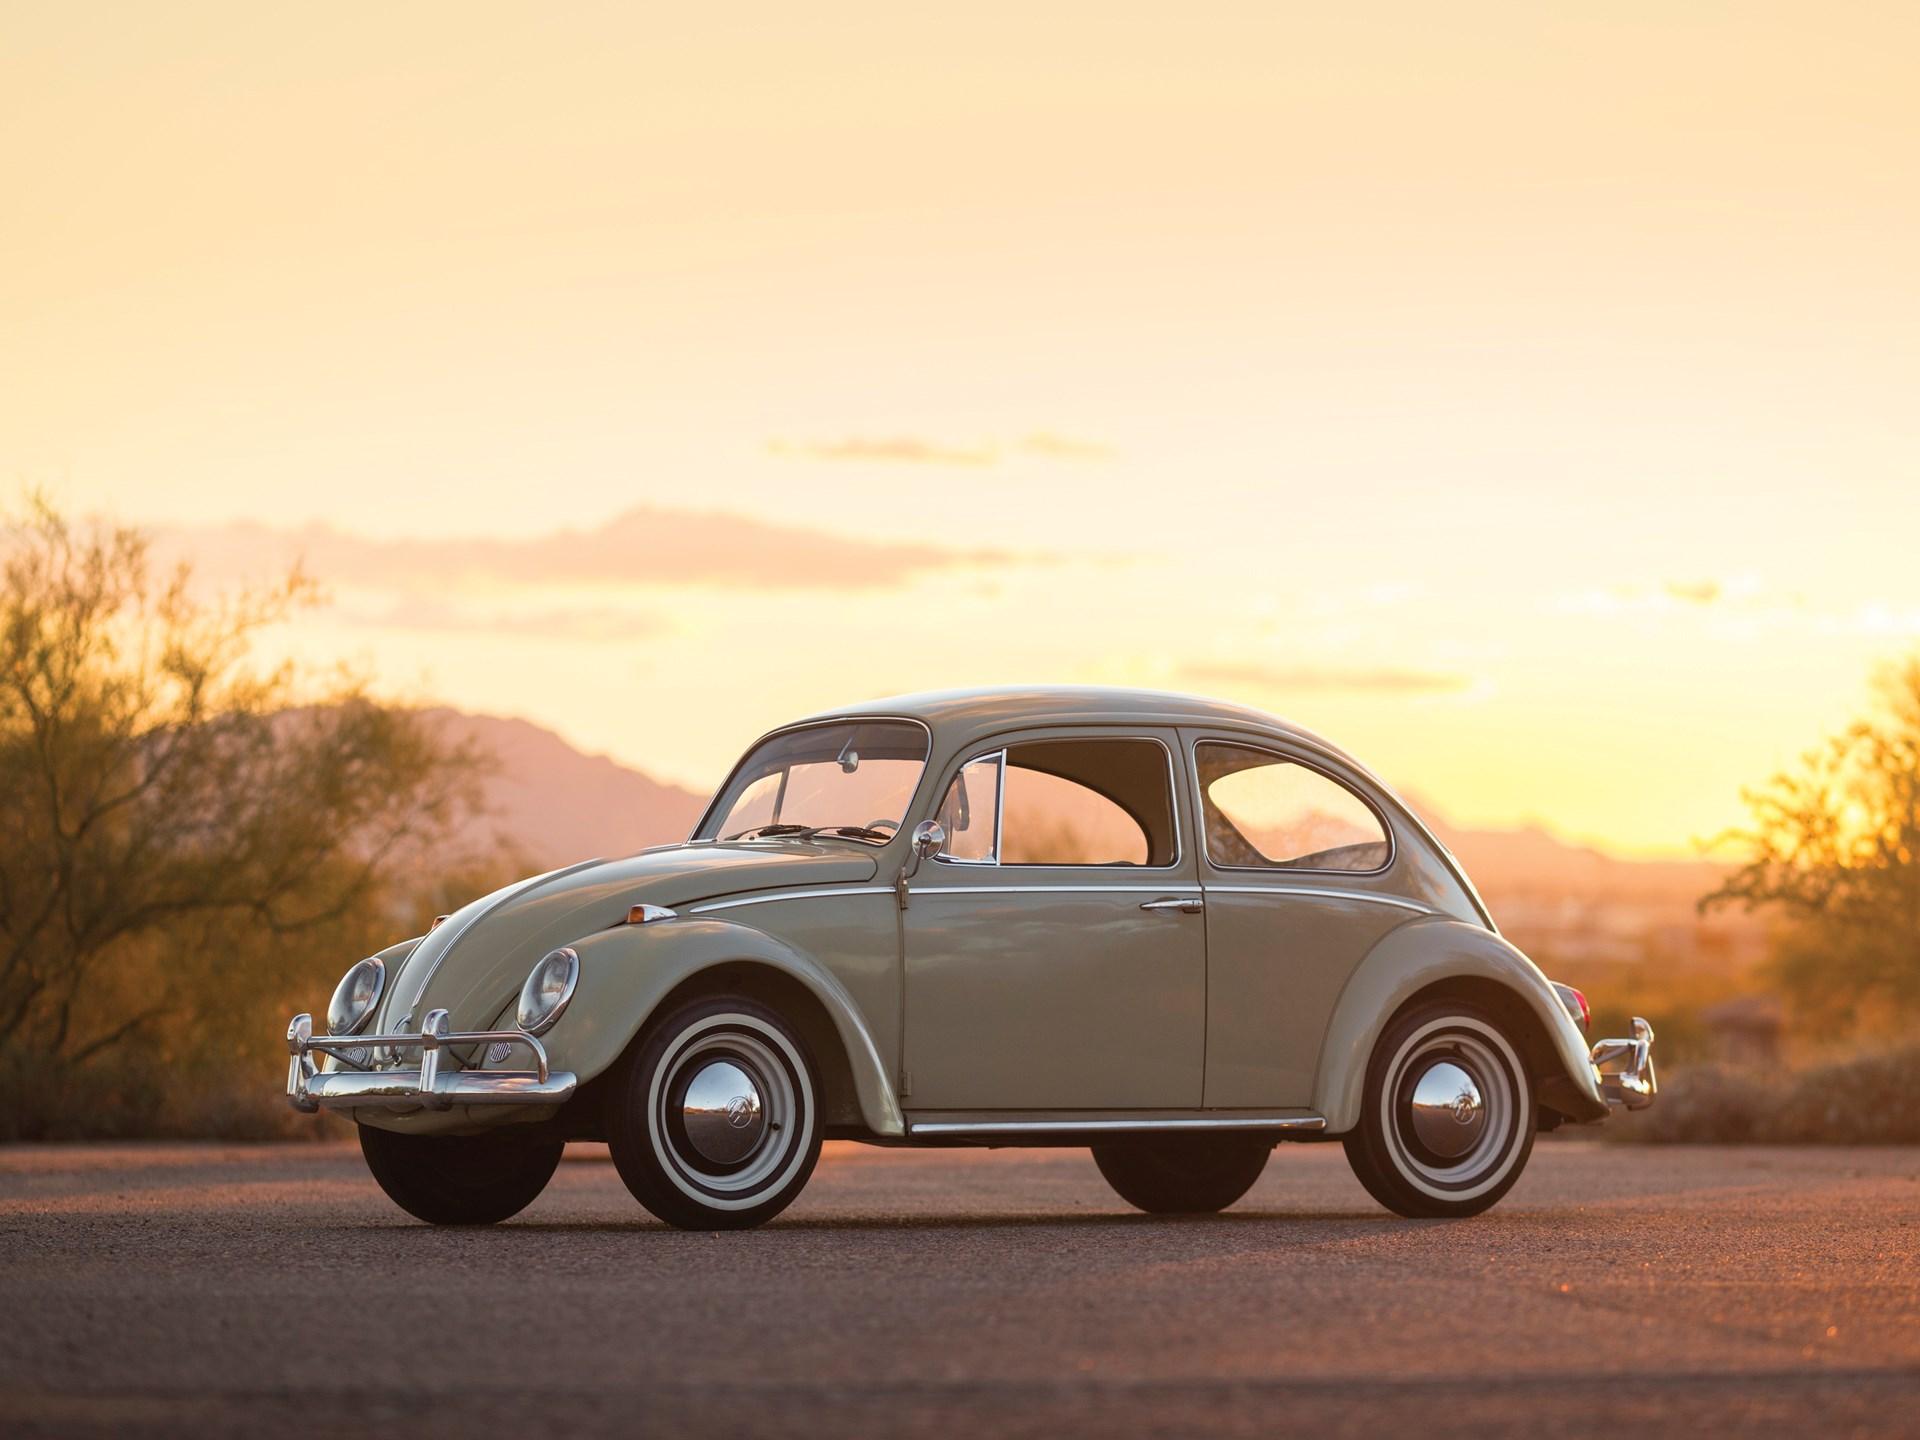 1965 Volkswagen Beetle 3/4 sunset